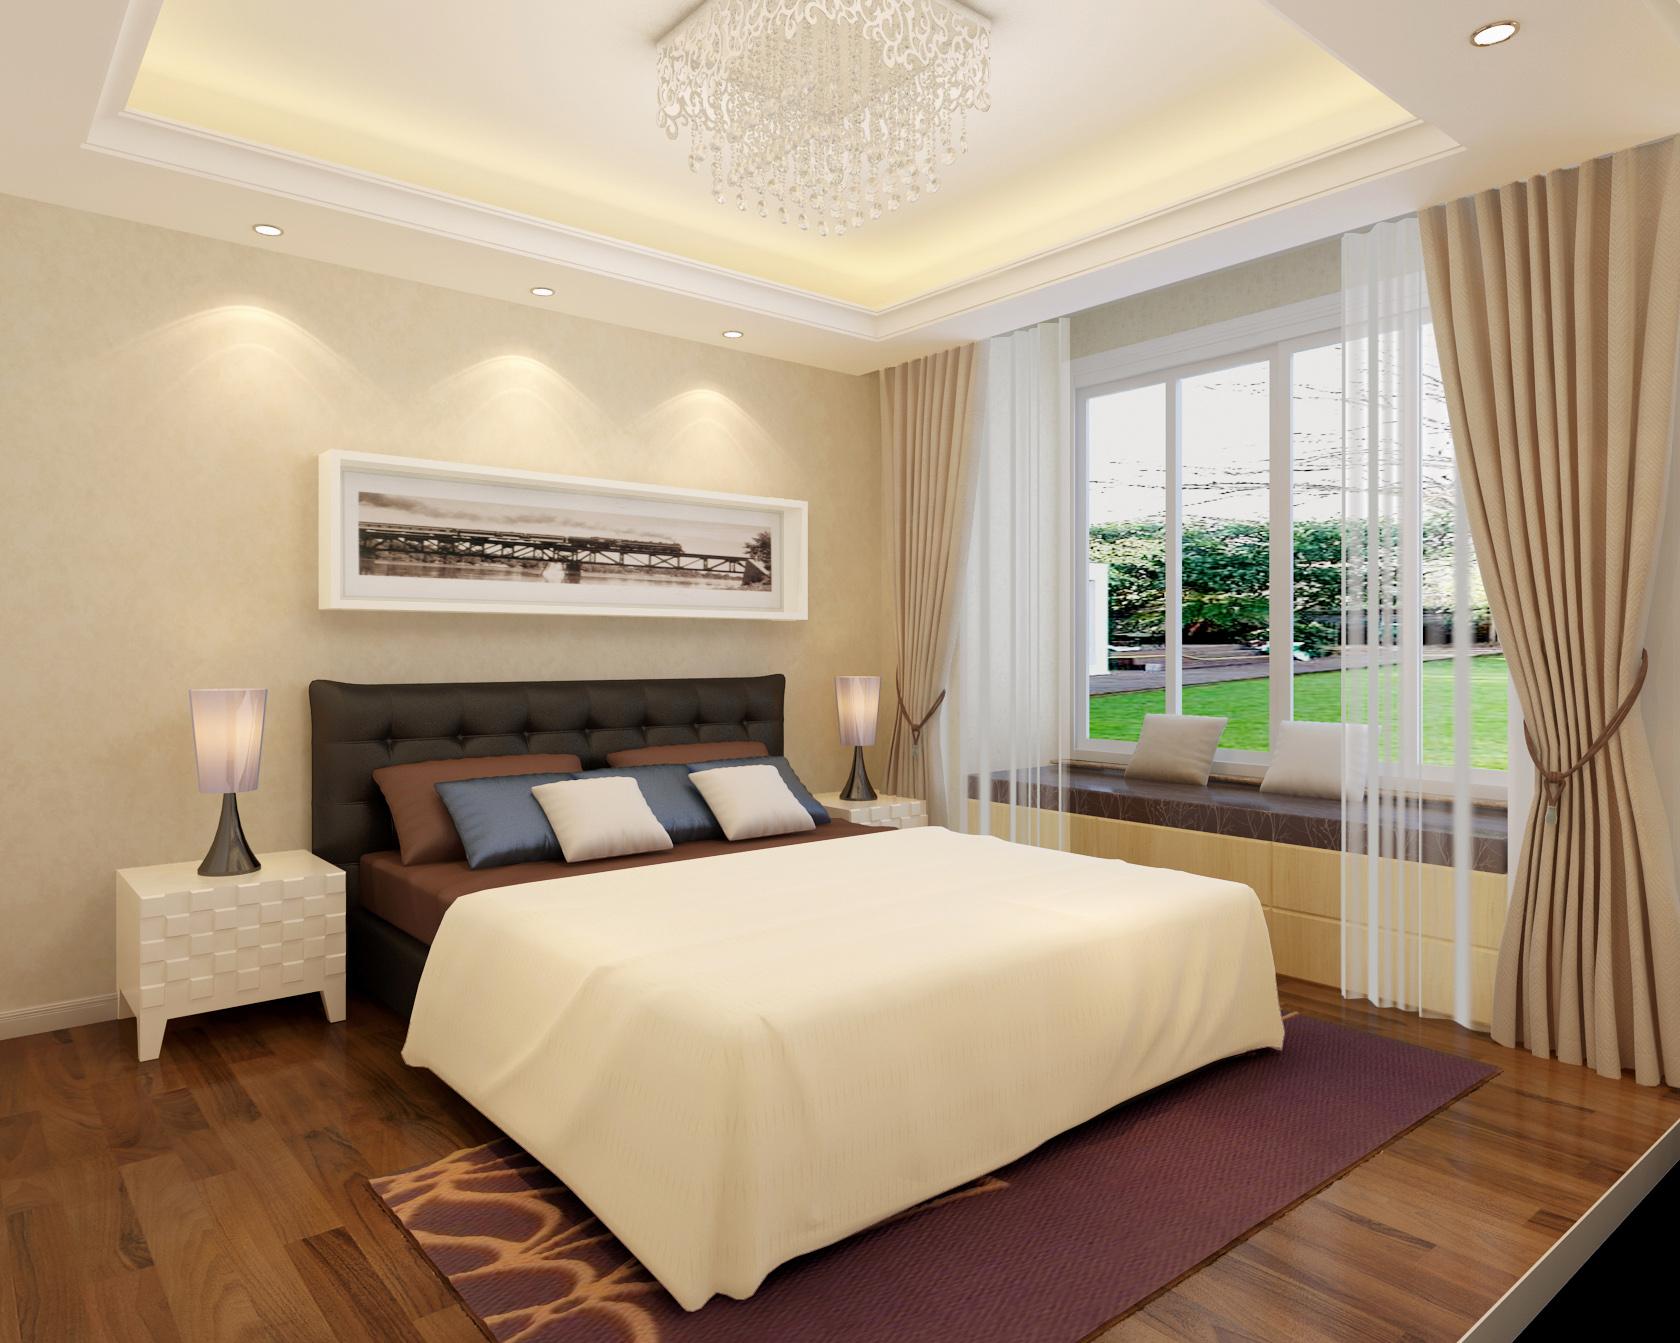 现代 三居 80后 卧室图片来自北京今朝装饰刘在润泽公馆三居经典现代设计的分享